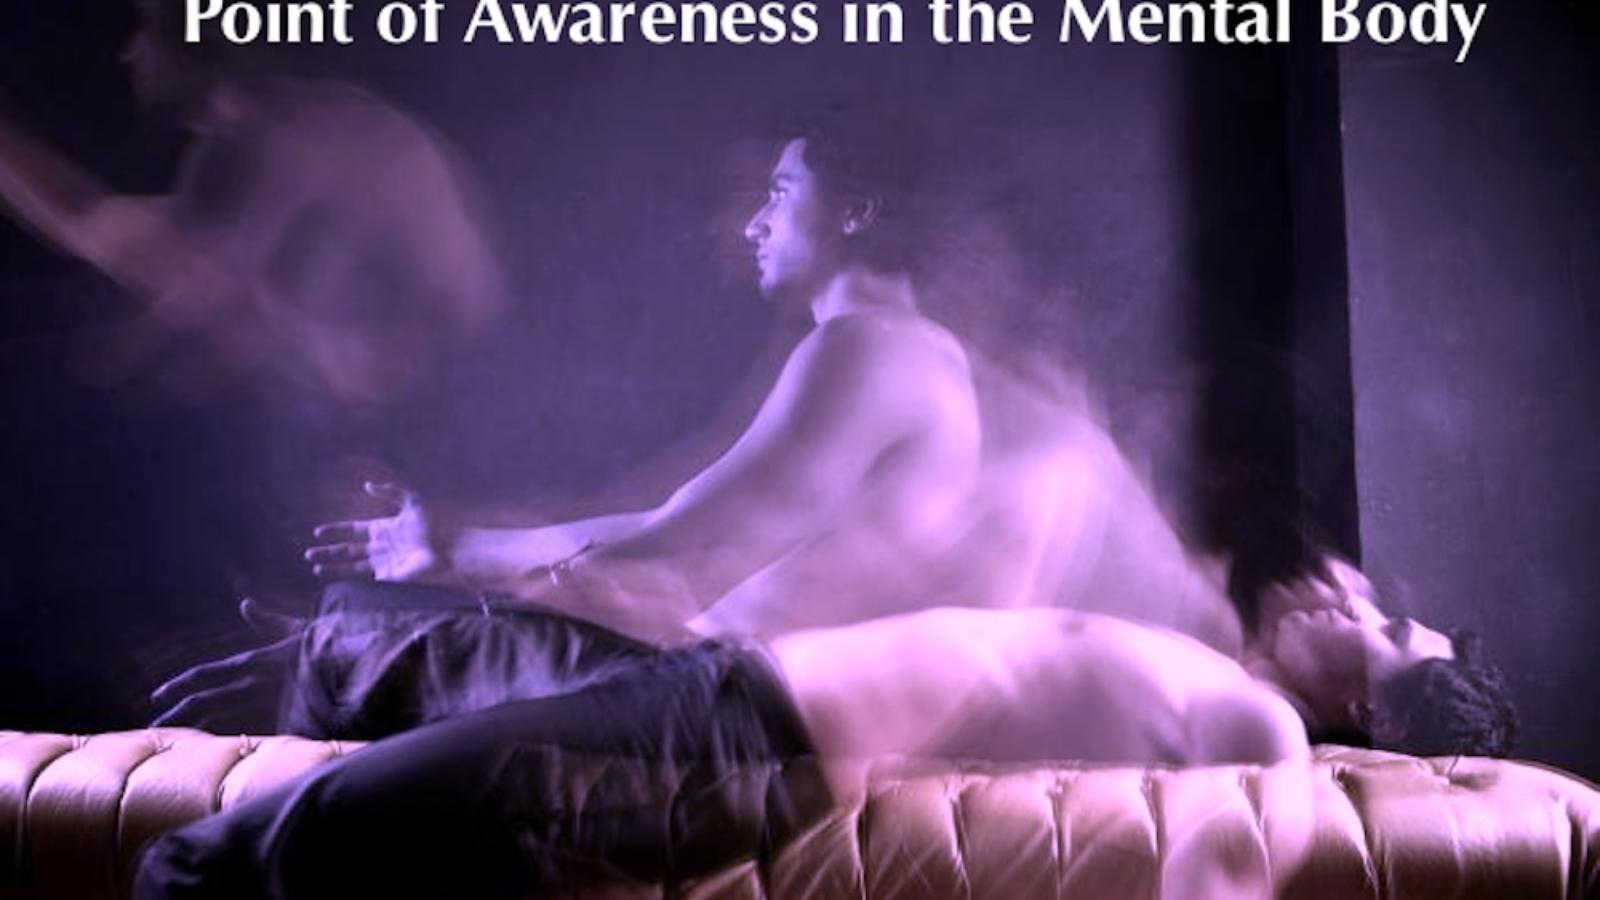 mentalbody